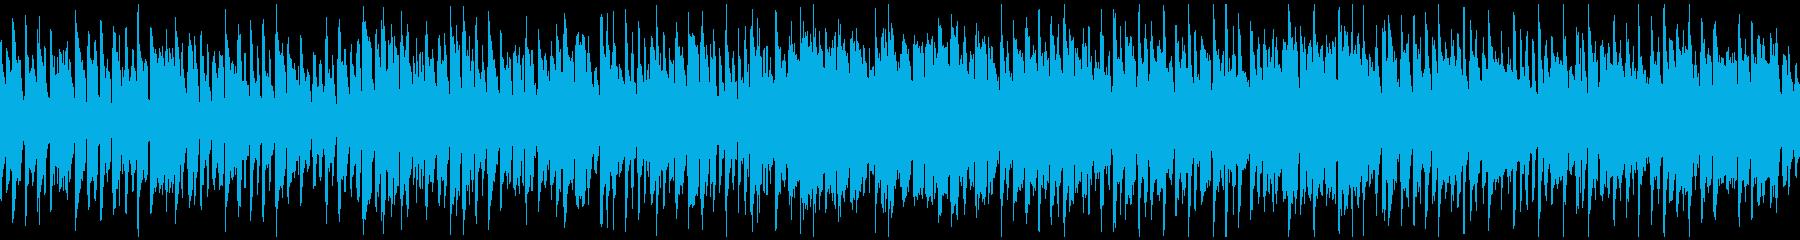 陽気な子供達のようなリコーダー※ループ版の再生済みの波形